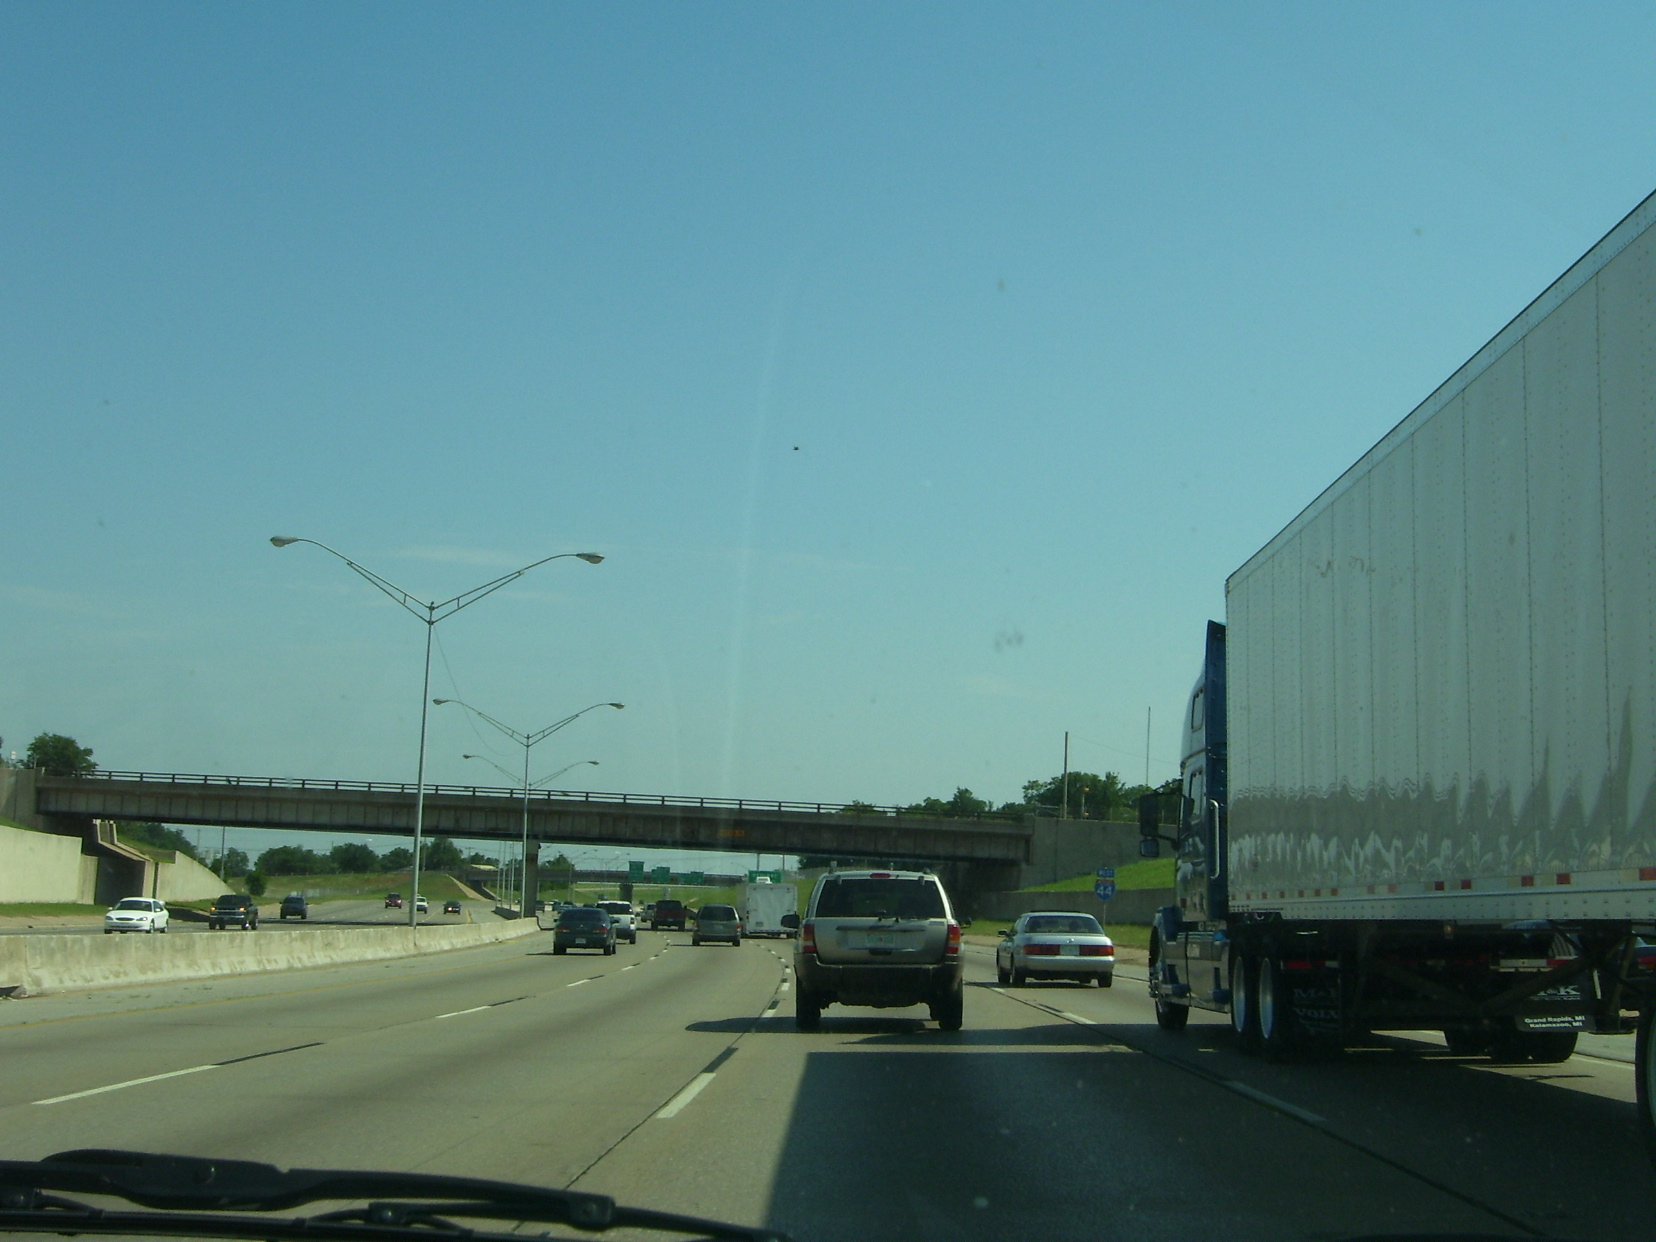 I-44 in Oklahoma City